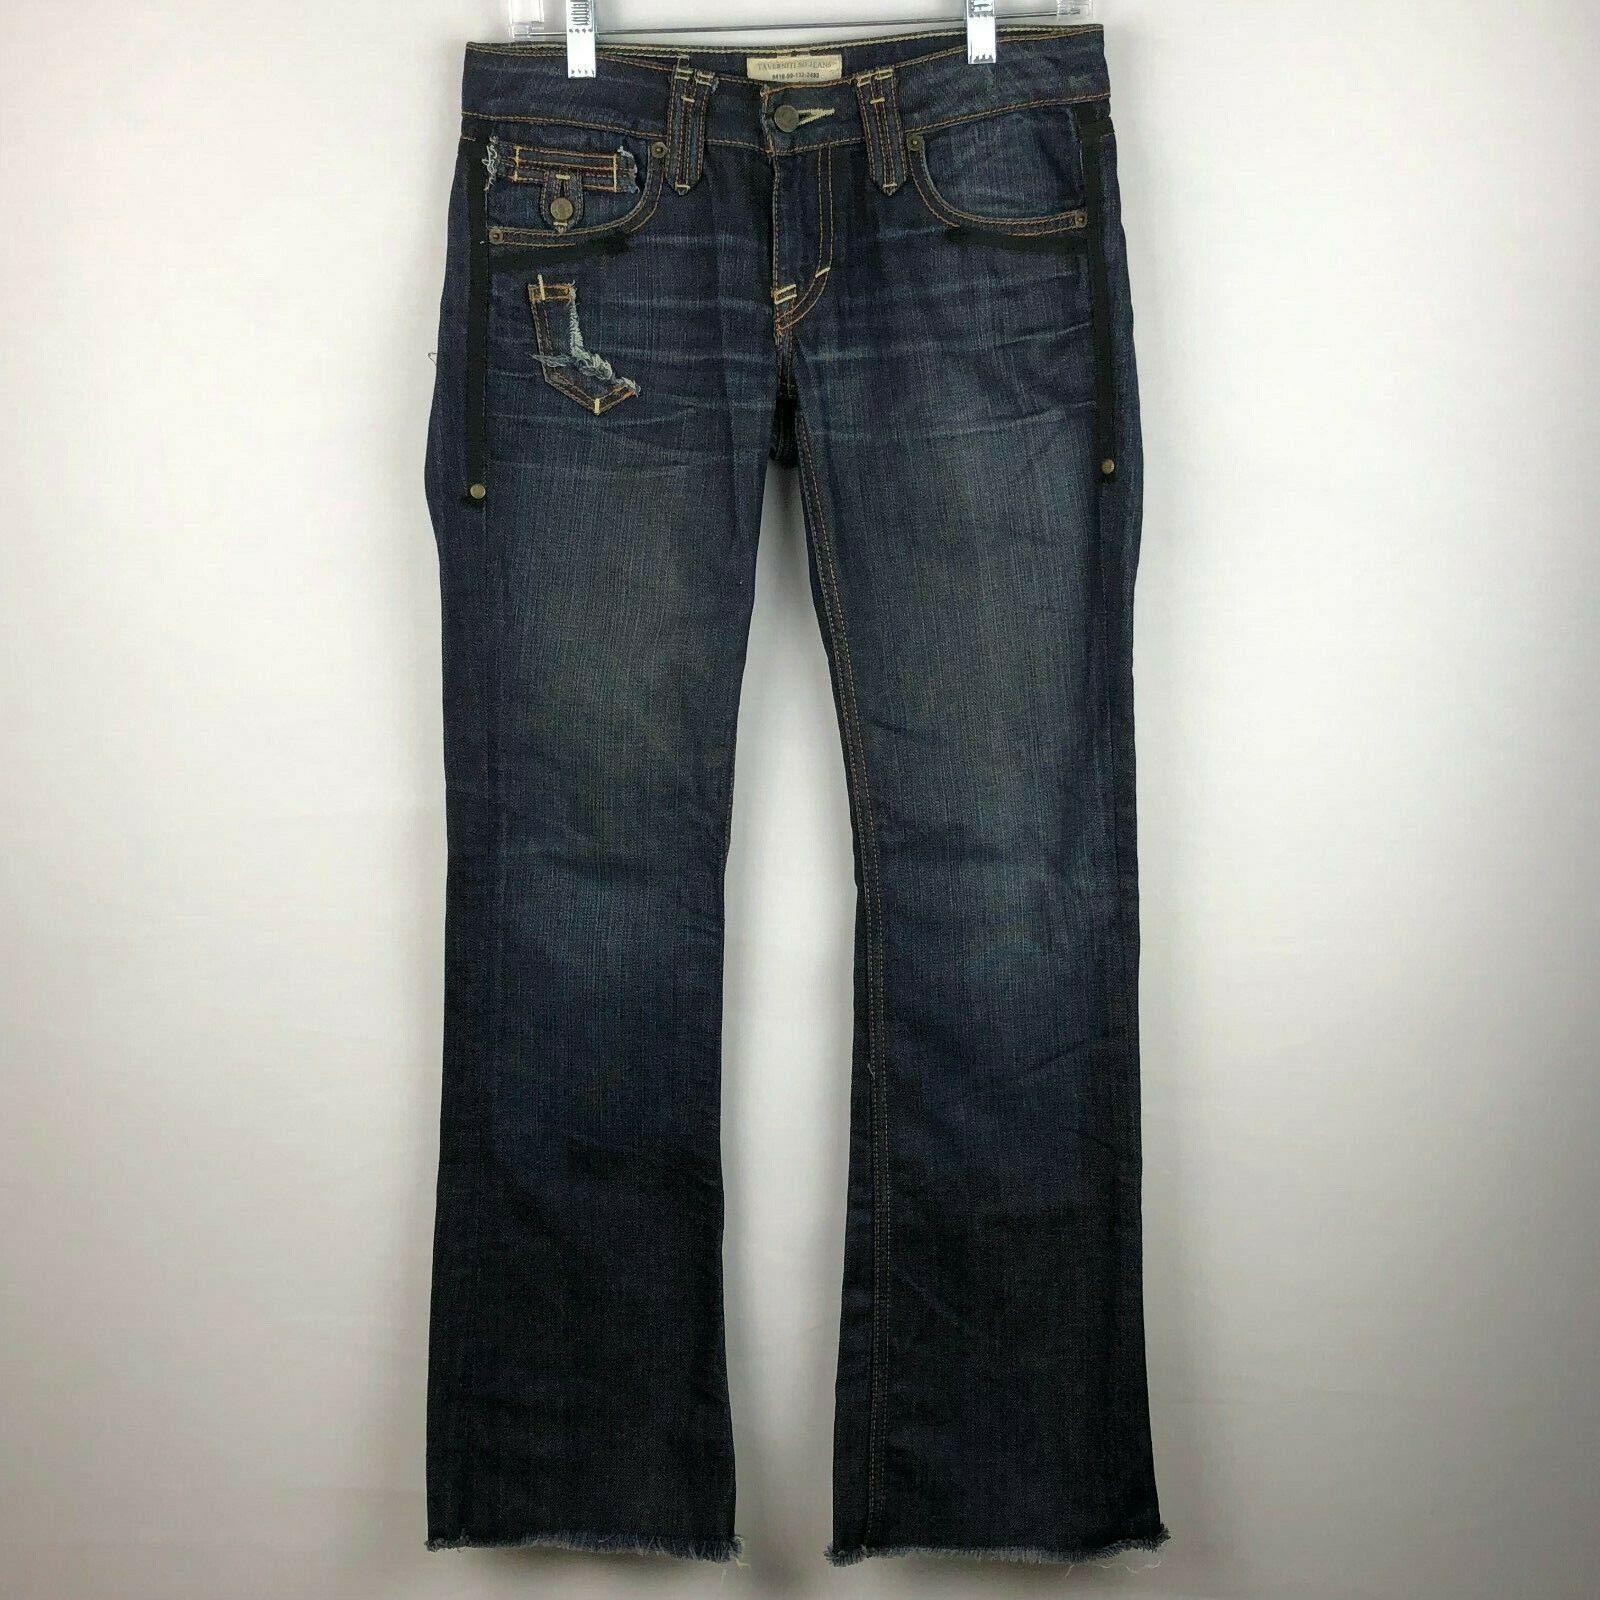 Taverniti So damen 27 Janis Jeans Fringed Hems Dark Wash Act 30 X 31